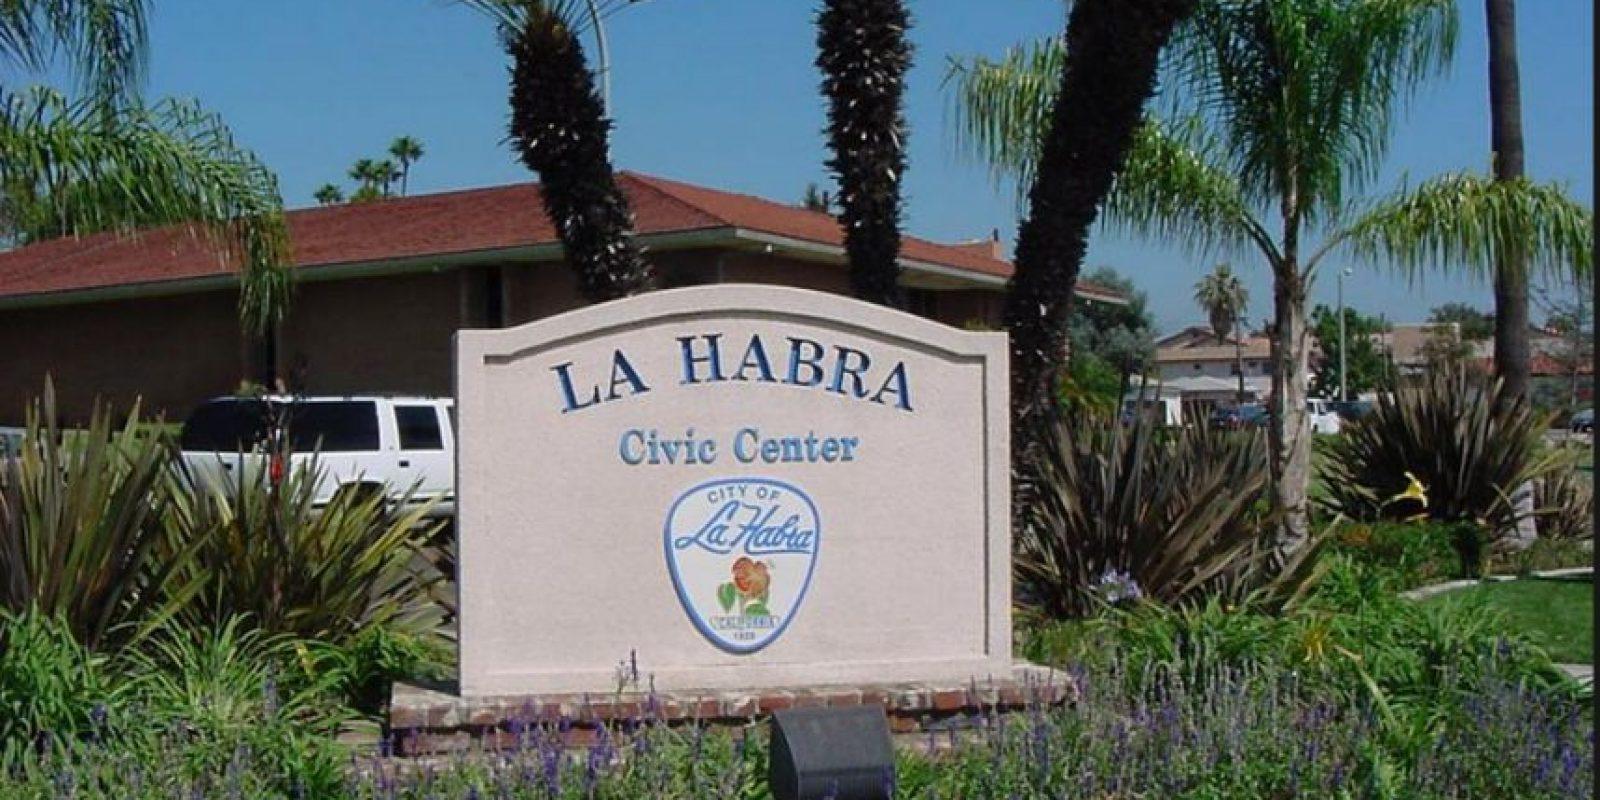 Esto ocurrió en la ciudad La Habra del estado de California Foto:Vía lahabracity.com